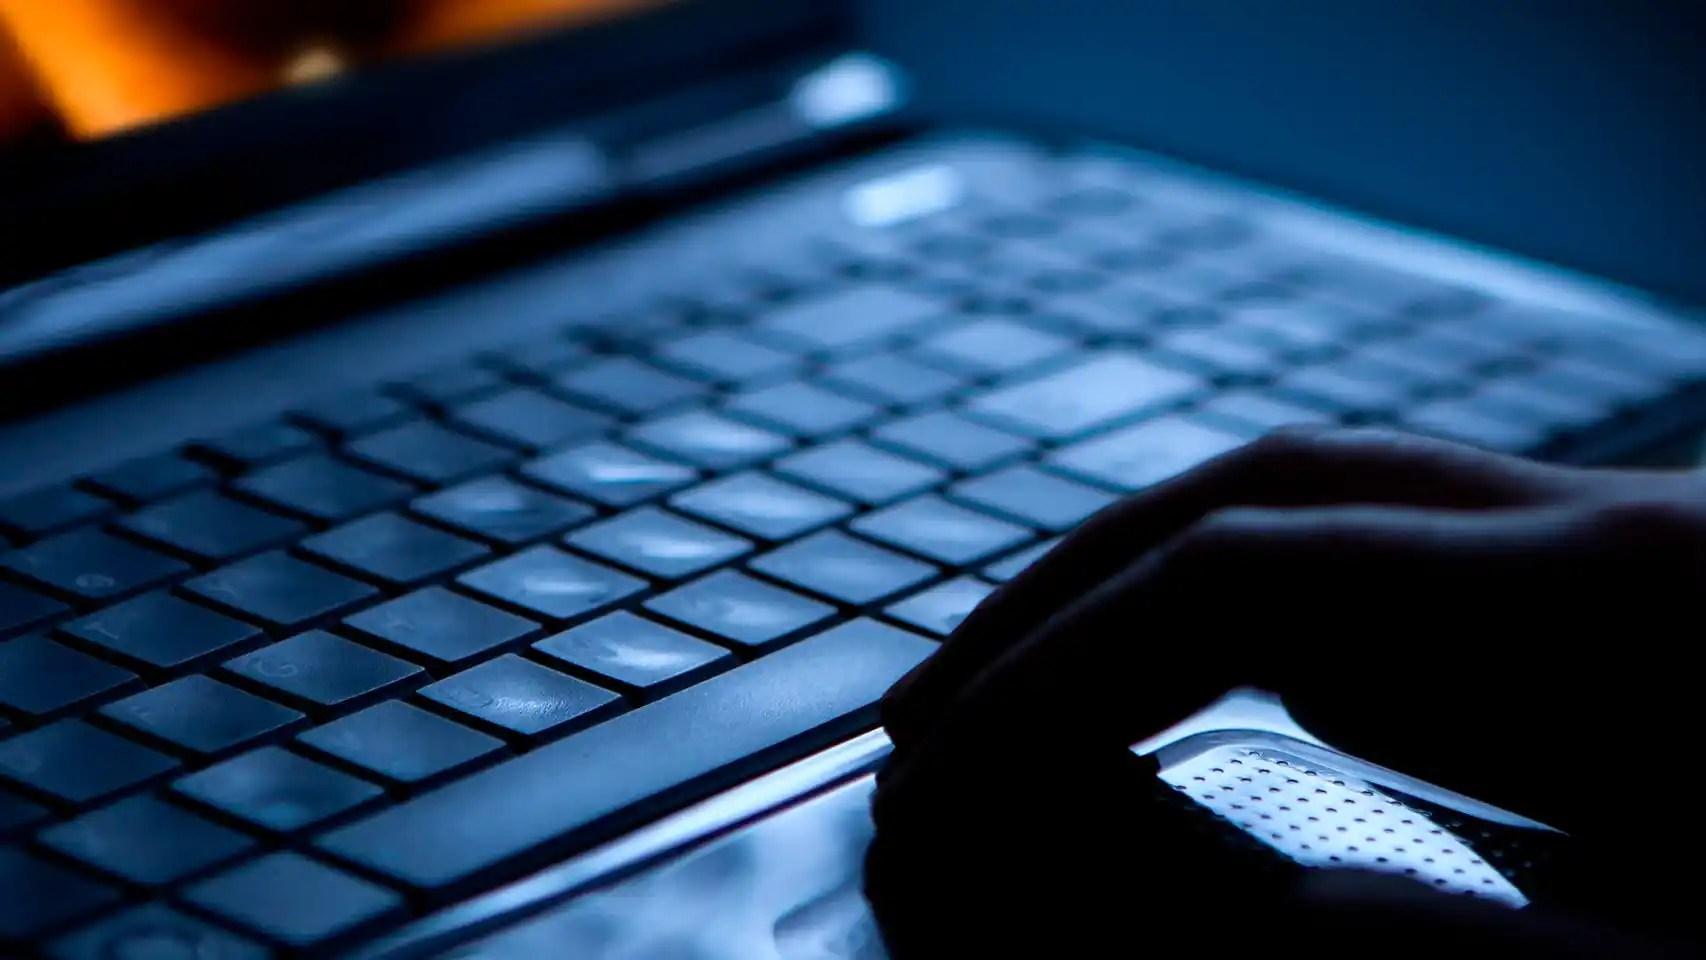 Una persona utilizando un ordenador.